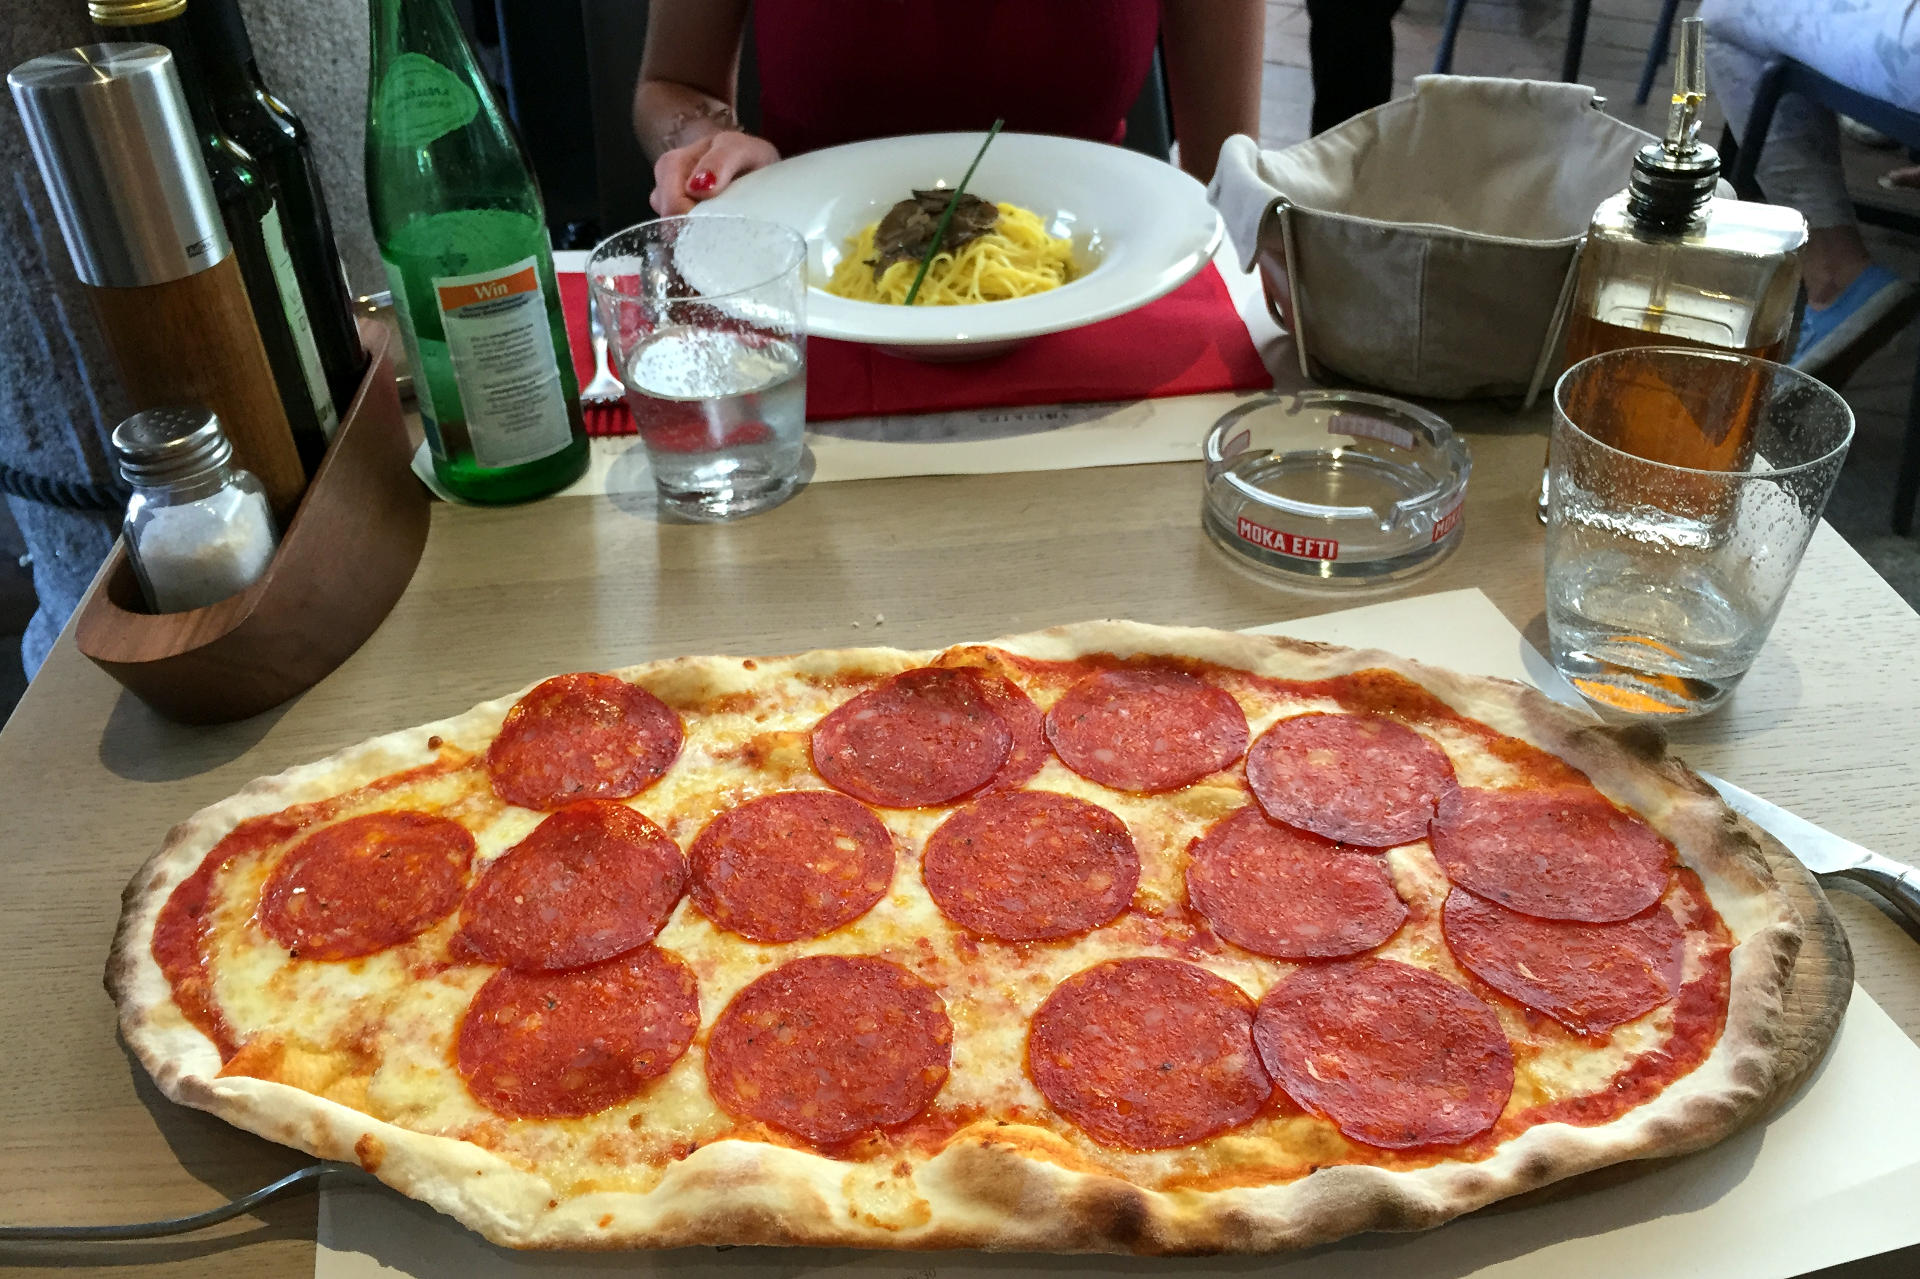 szwajcaria lugano luganoszwajcaria pizzawloskalugano pizzalugano kuchniawloskalugano restauracjaluganoszwajcaria iglawpodrozy